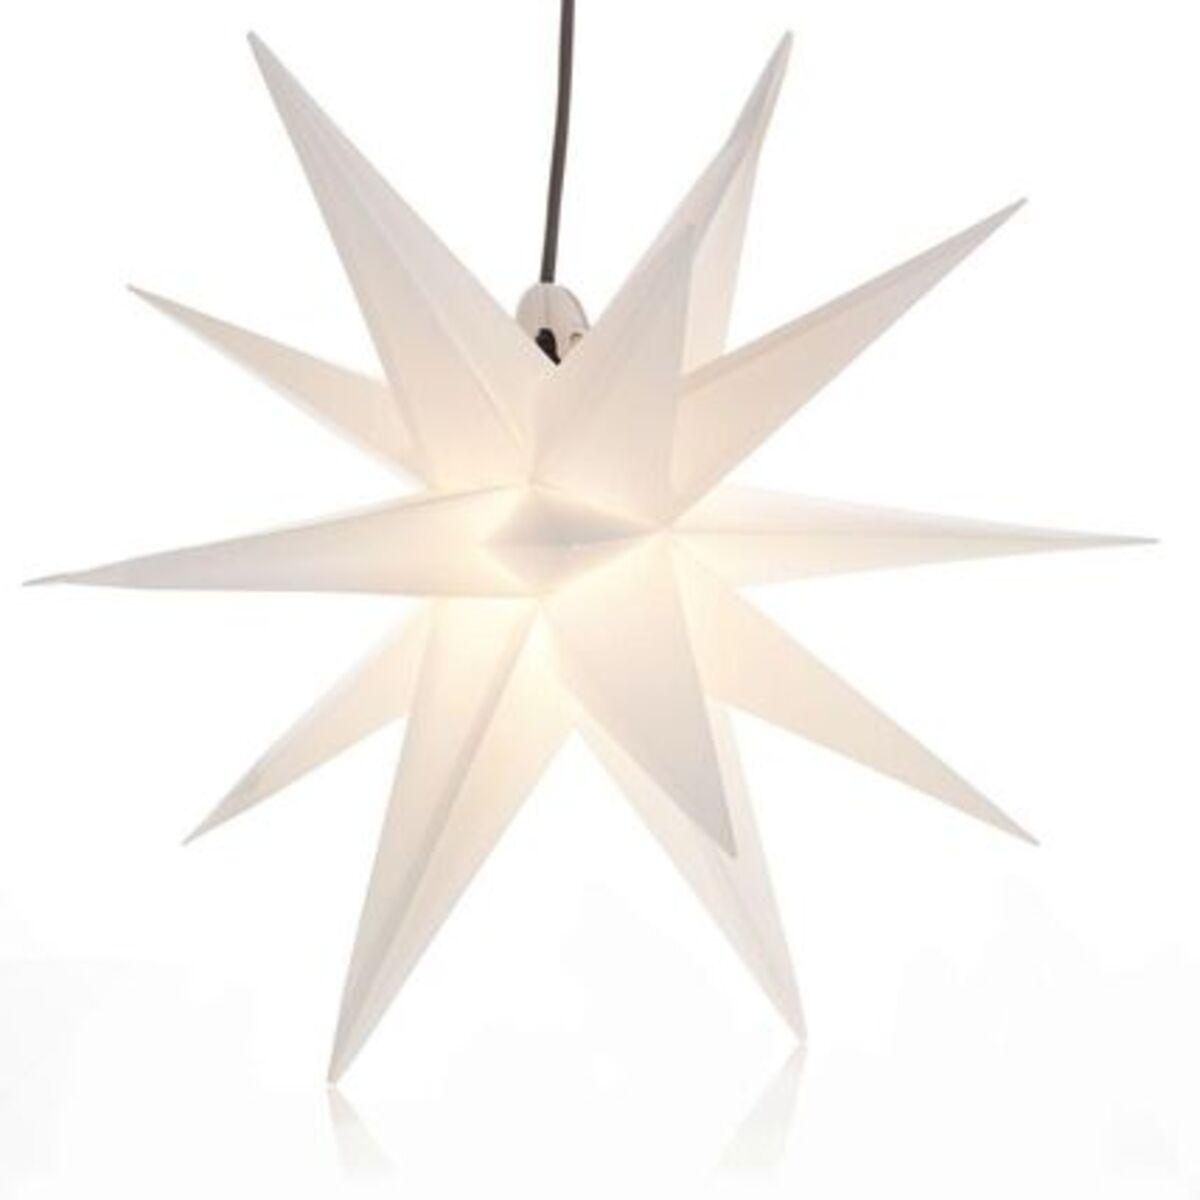 Bild 4 von Yorn Home Outdoor-Leuchtstern, Weiß, Ø 50 cm, weiß